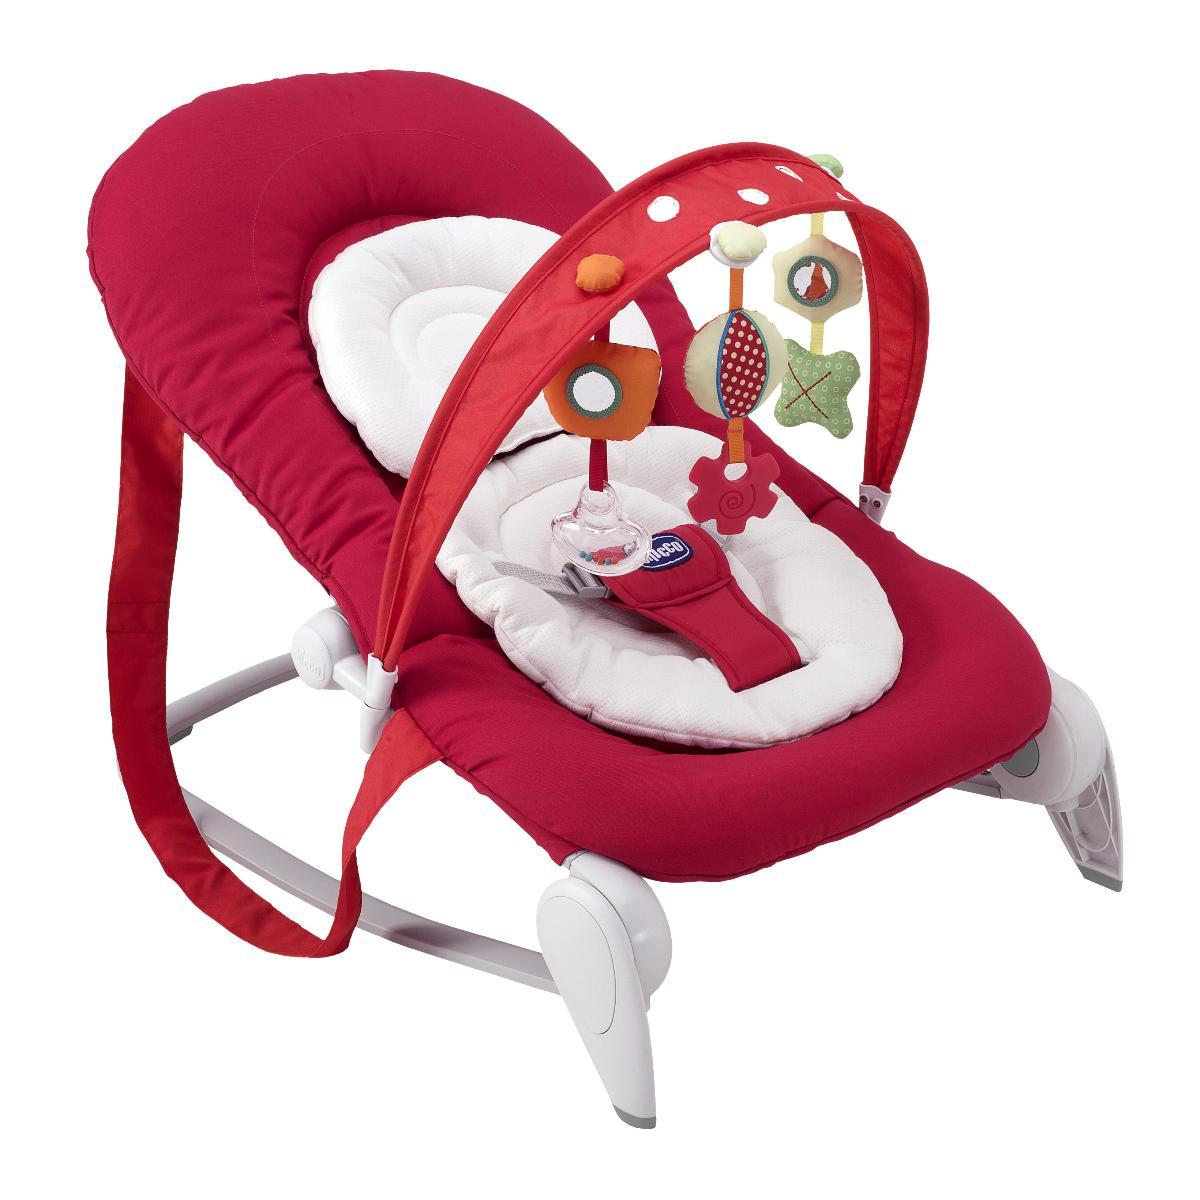 Креслице-качалка Bouncer Red от Ravta